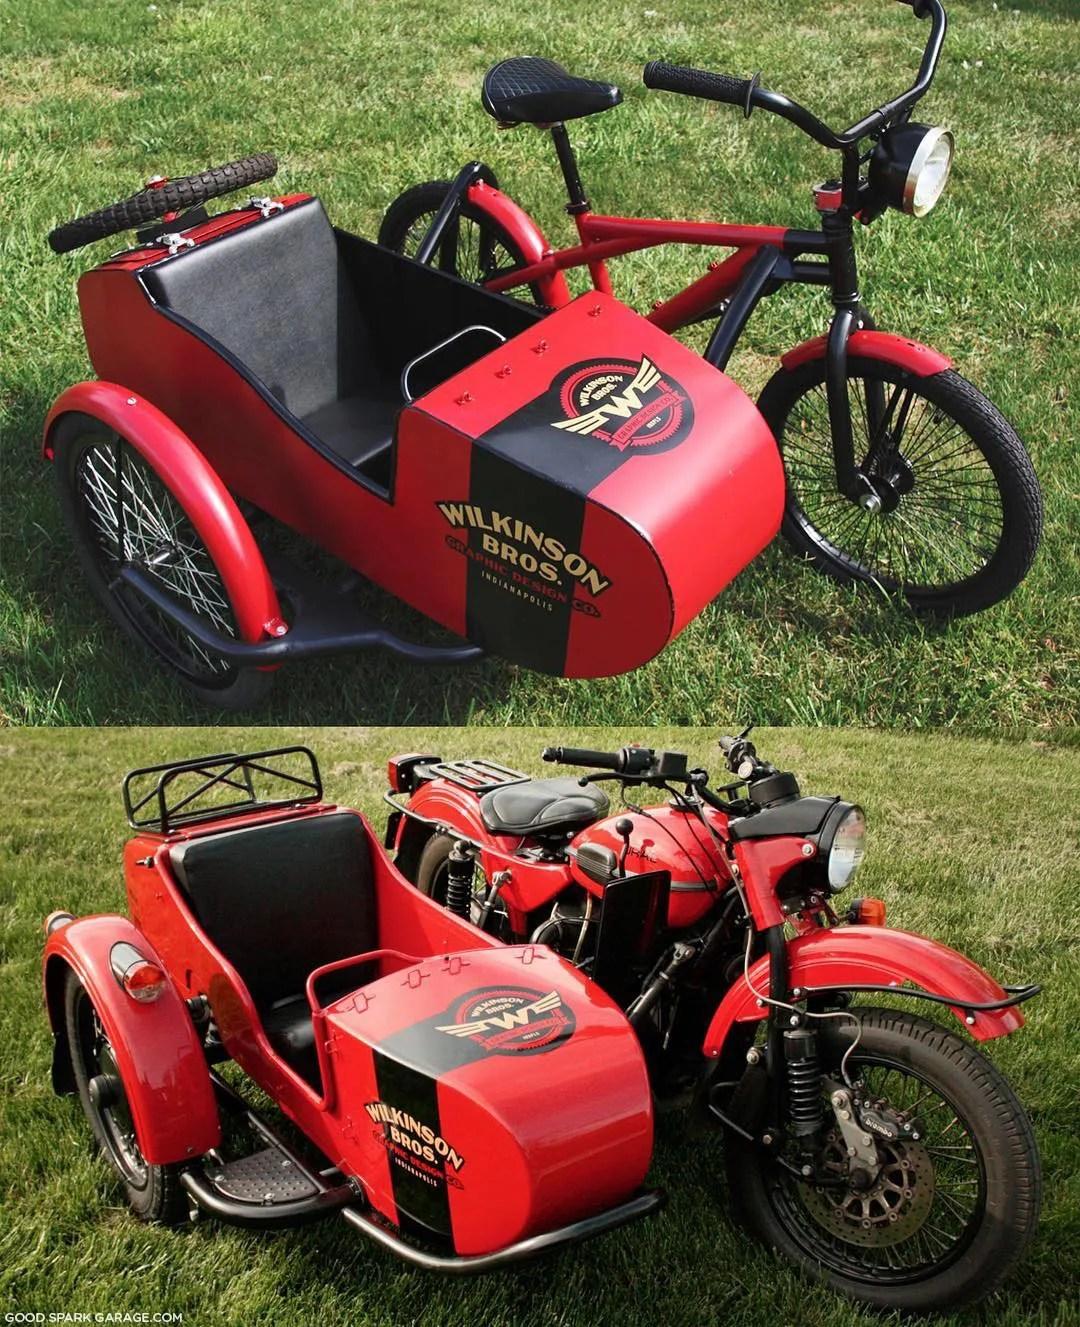 Wilkinson Bros Sidecar Bicycle